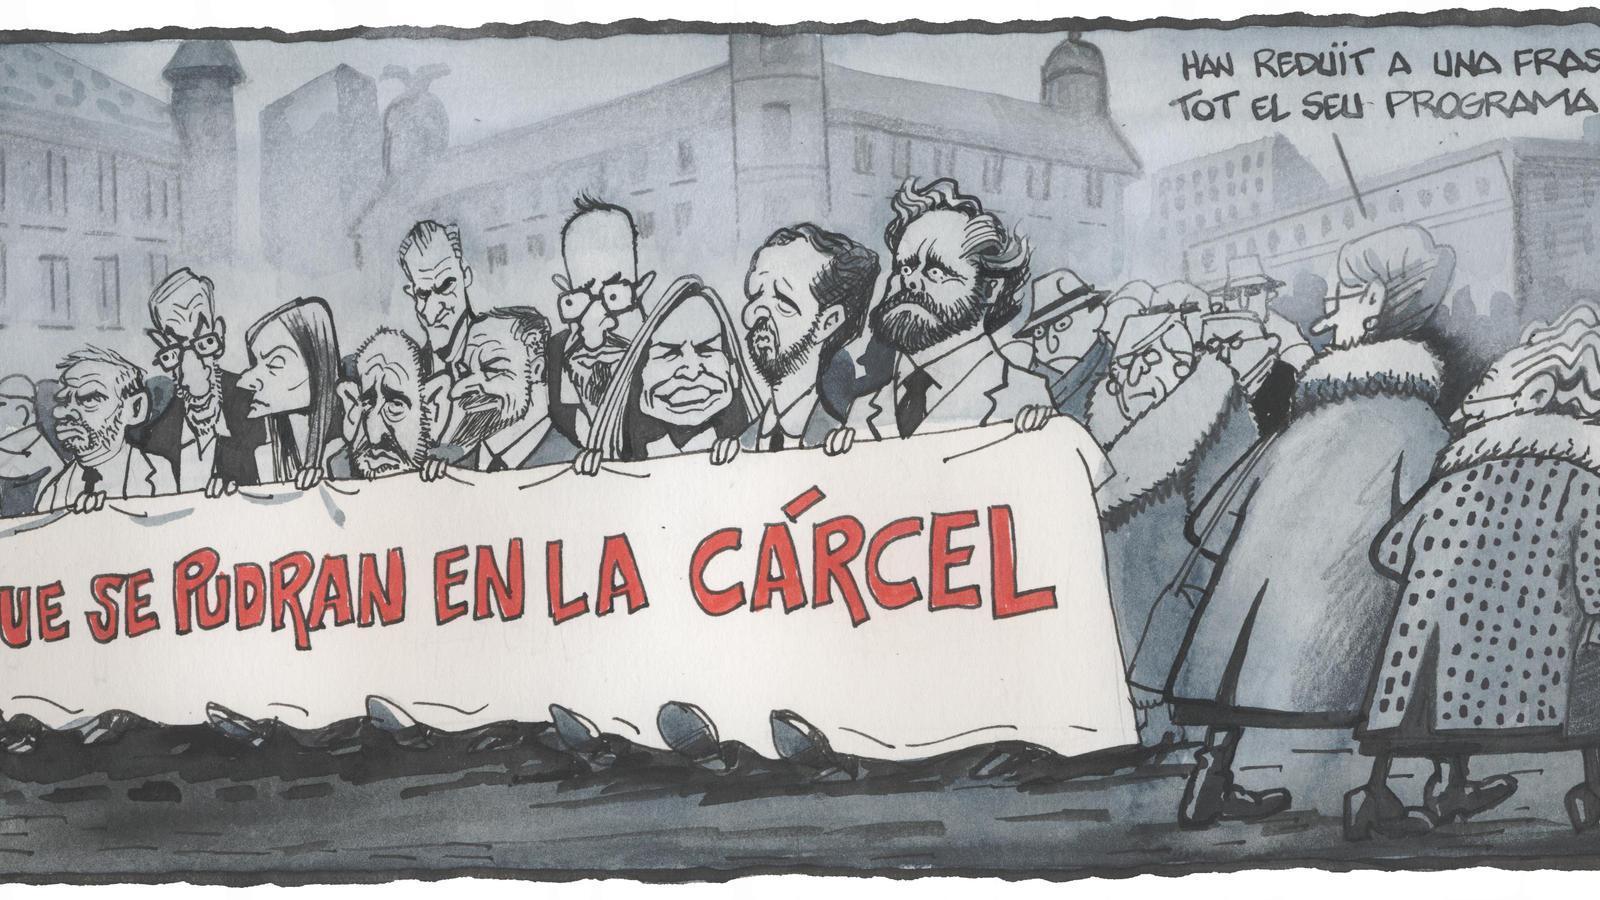 'A la contra', per Ferreres 29/01/2020